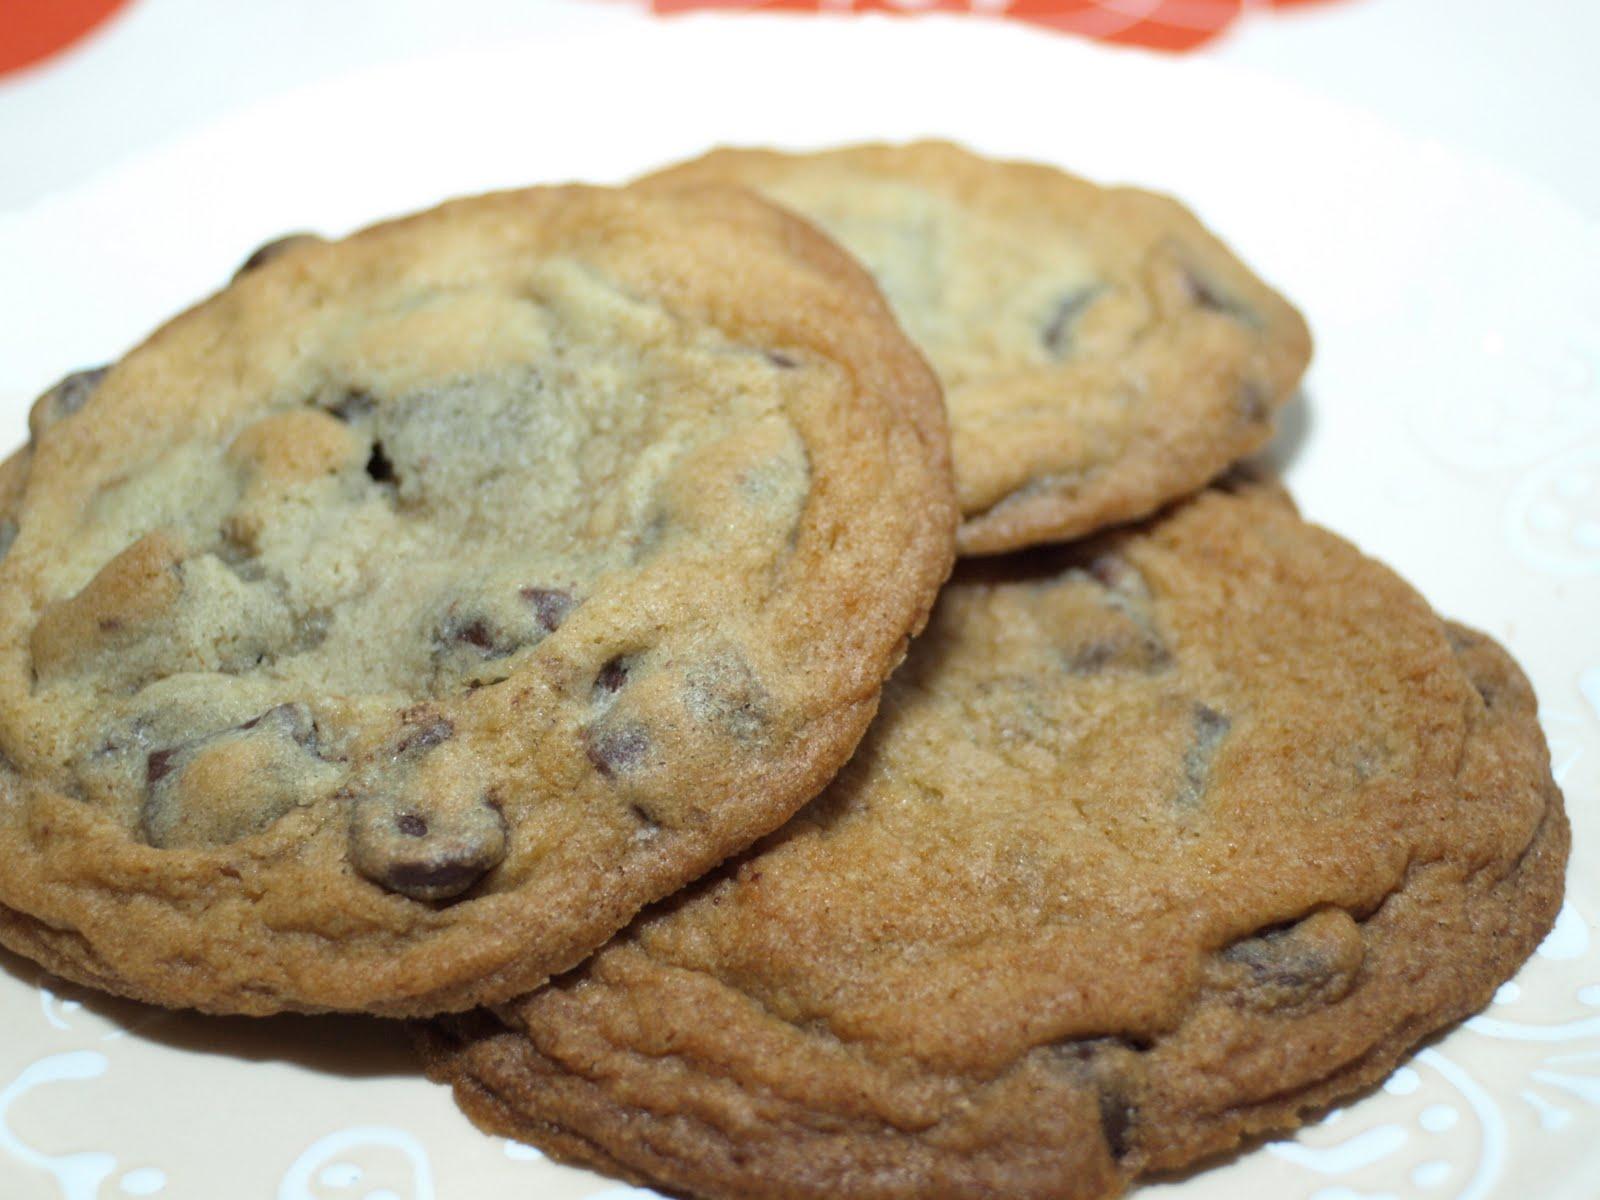 Dorie's best chocolate chip cookies